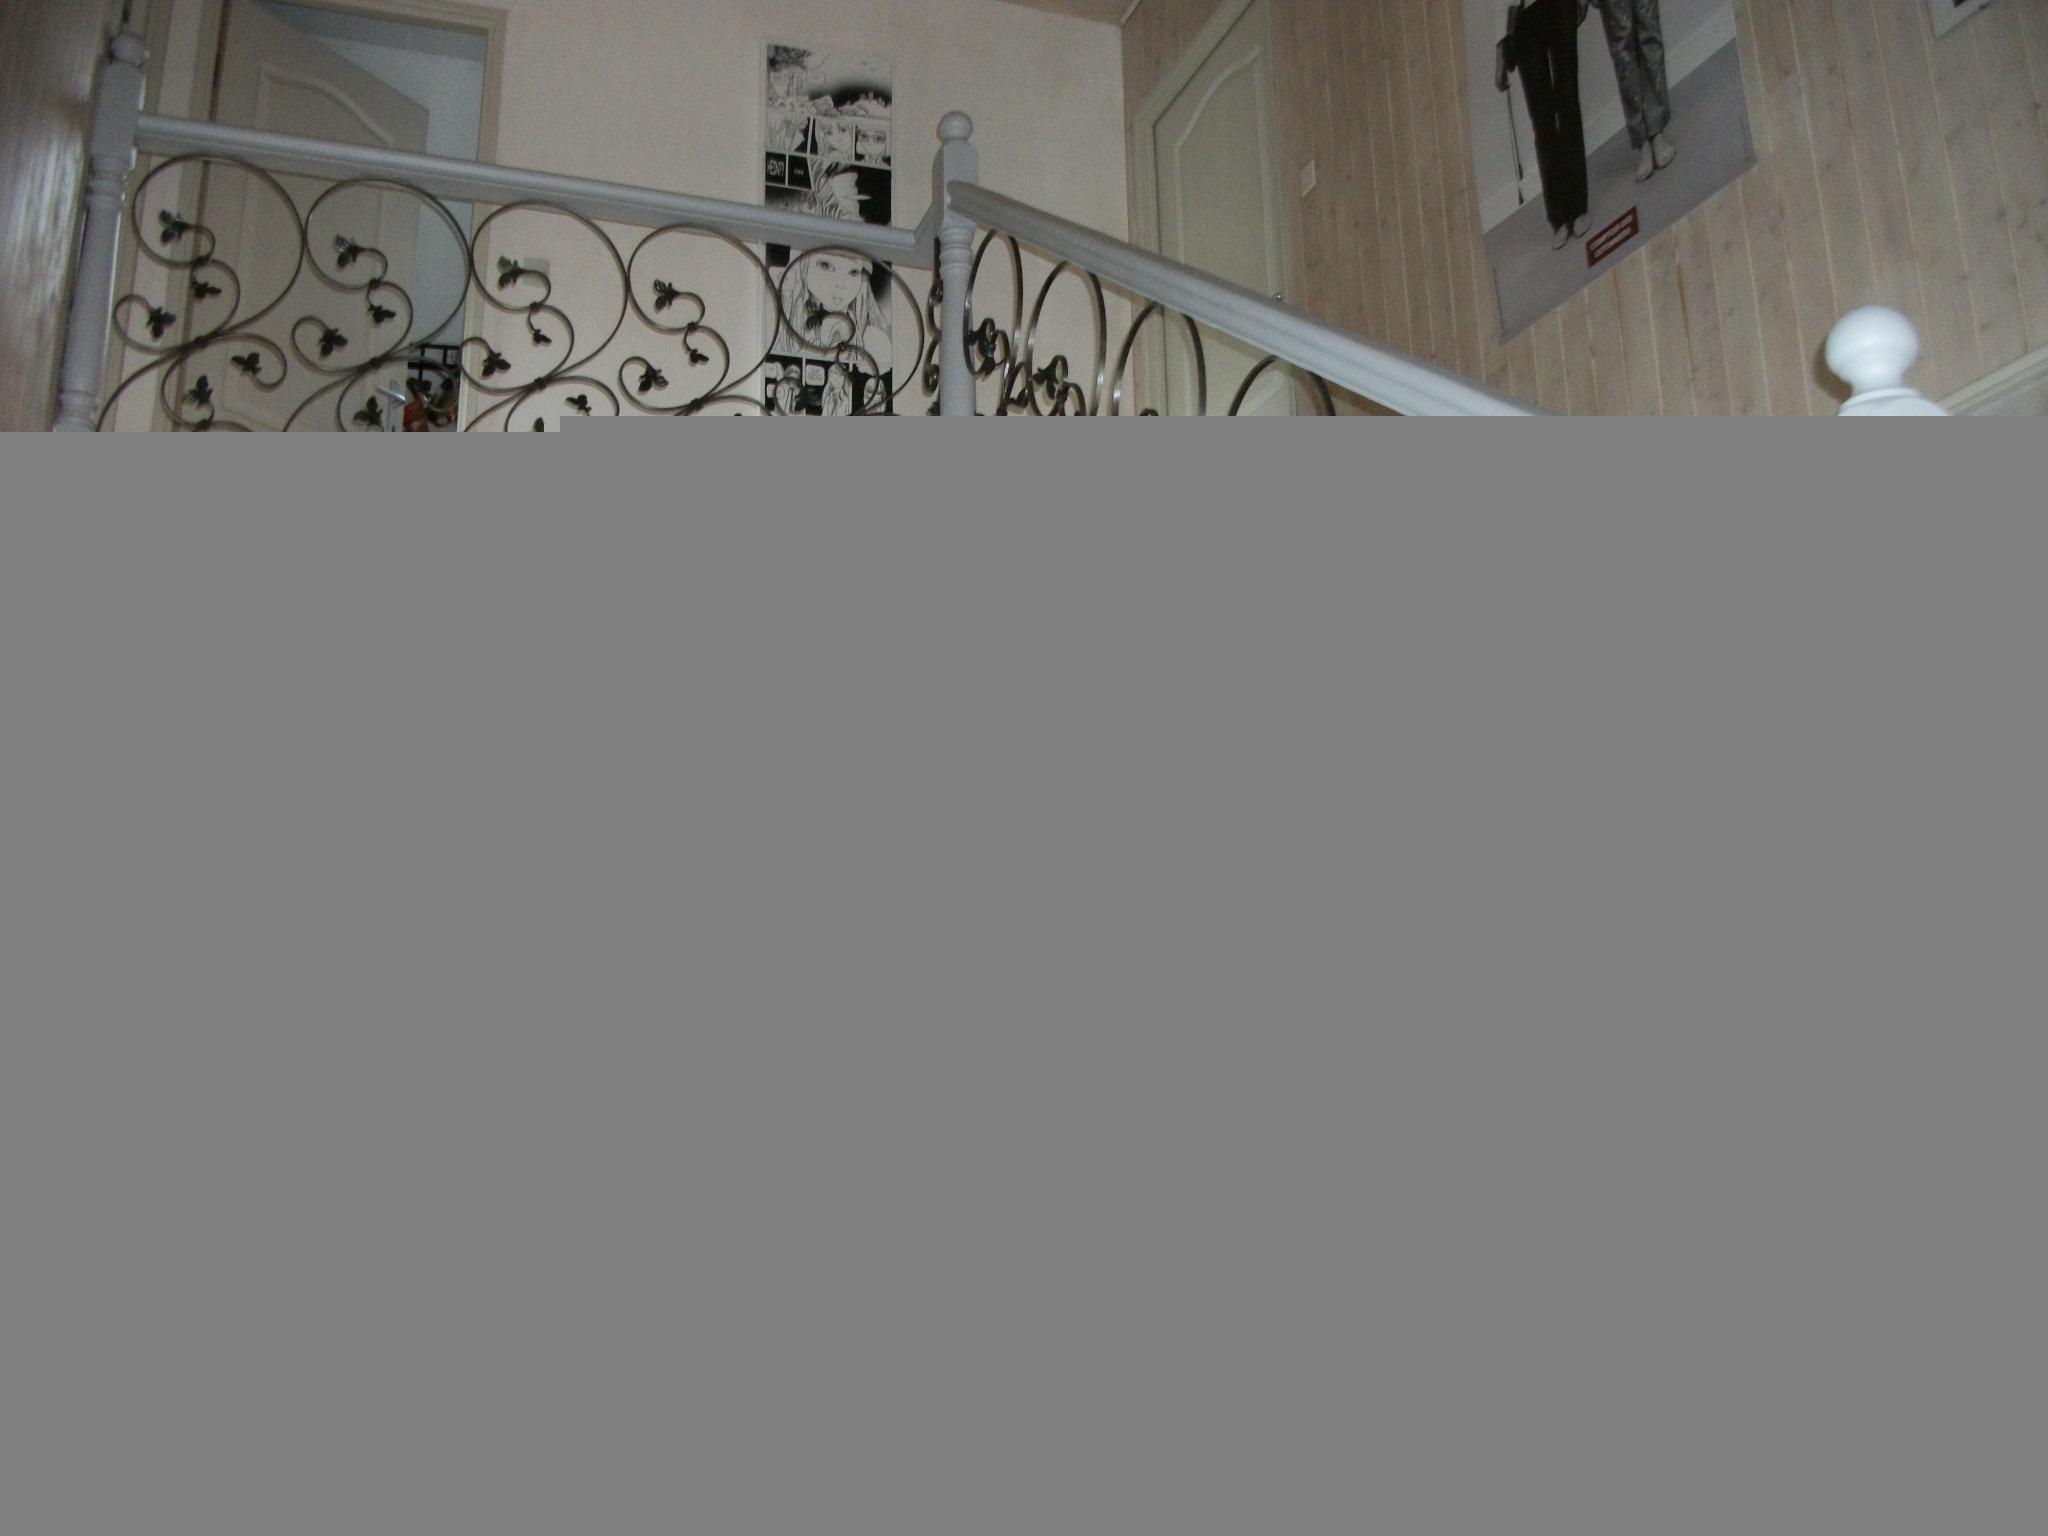 Création et fabrication complète par notre client d'une rampe d'escalier en bois avec ajout de grande volutes feuilles fer forgé  . Réalisation à partir de notre gamme de pièces détachées. Localisation Haut Rhin